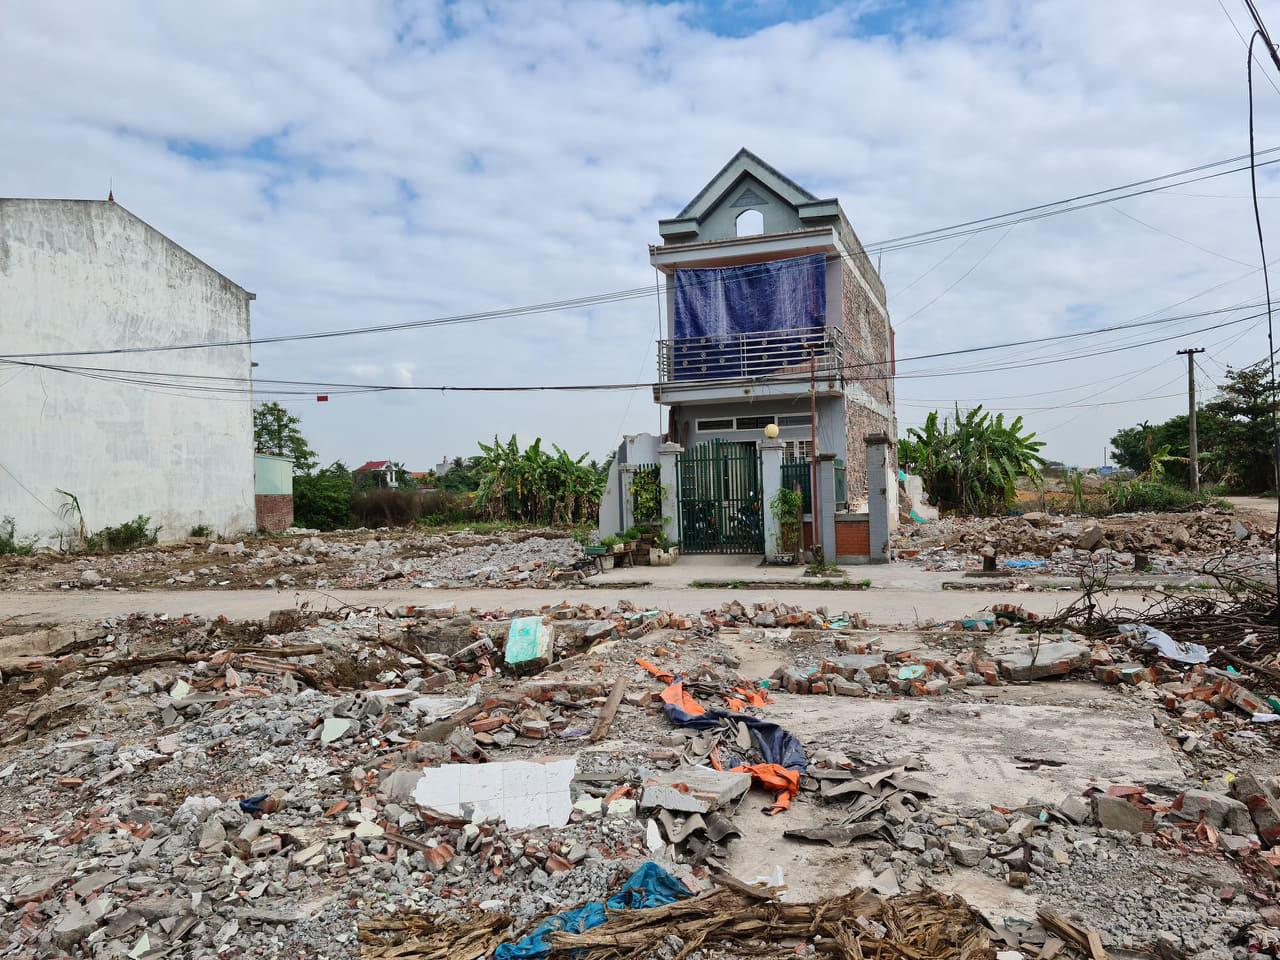 Hải Phòng: Huyện Thủy Nguyên sắp lên phố người dân phấn khởi, giá đất tăng vọt - Ảnh 3.